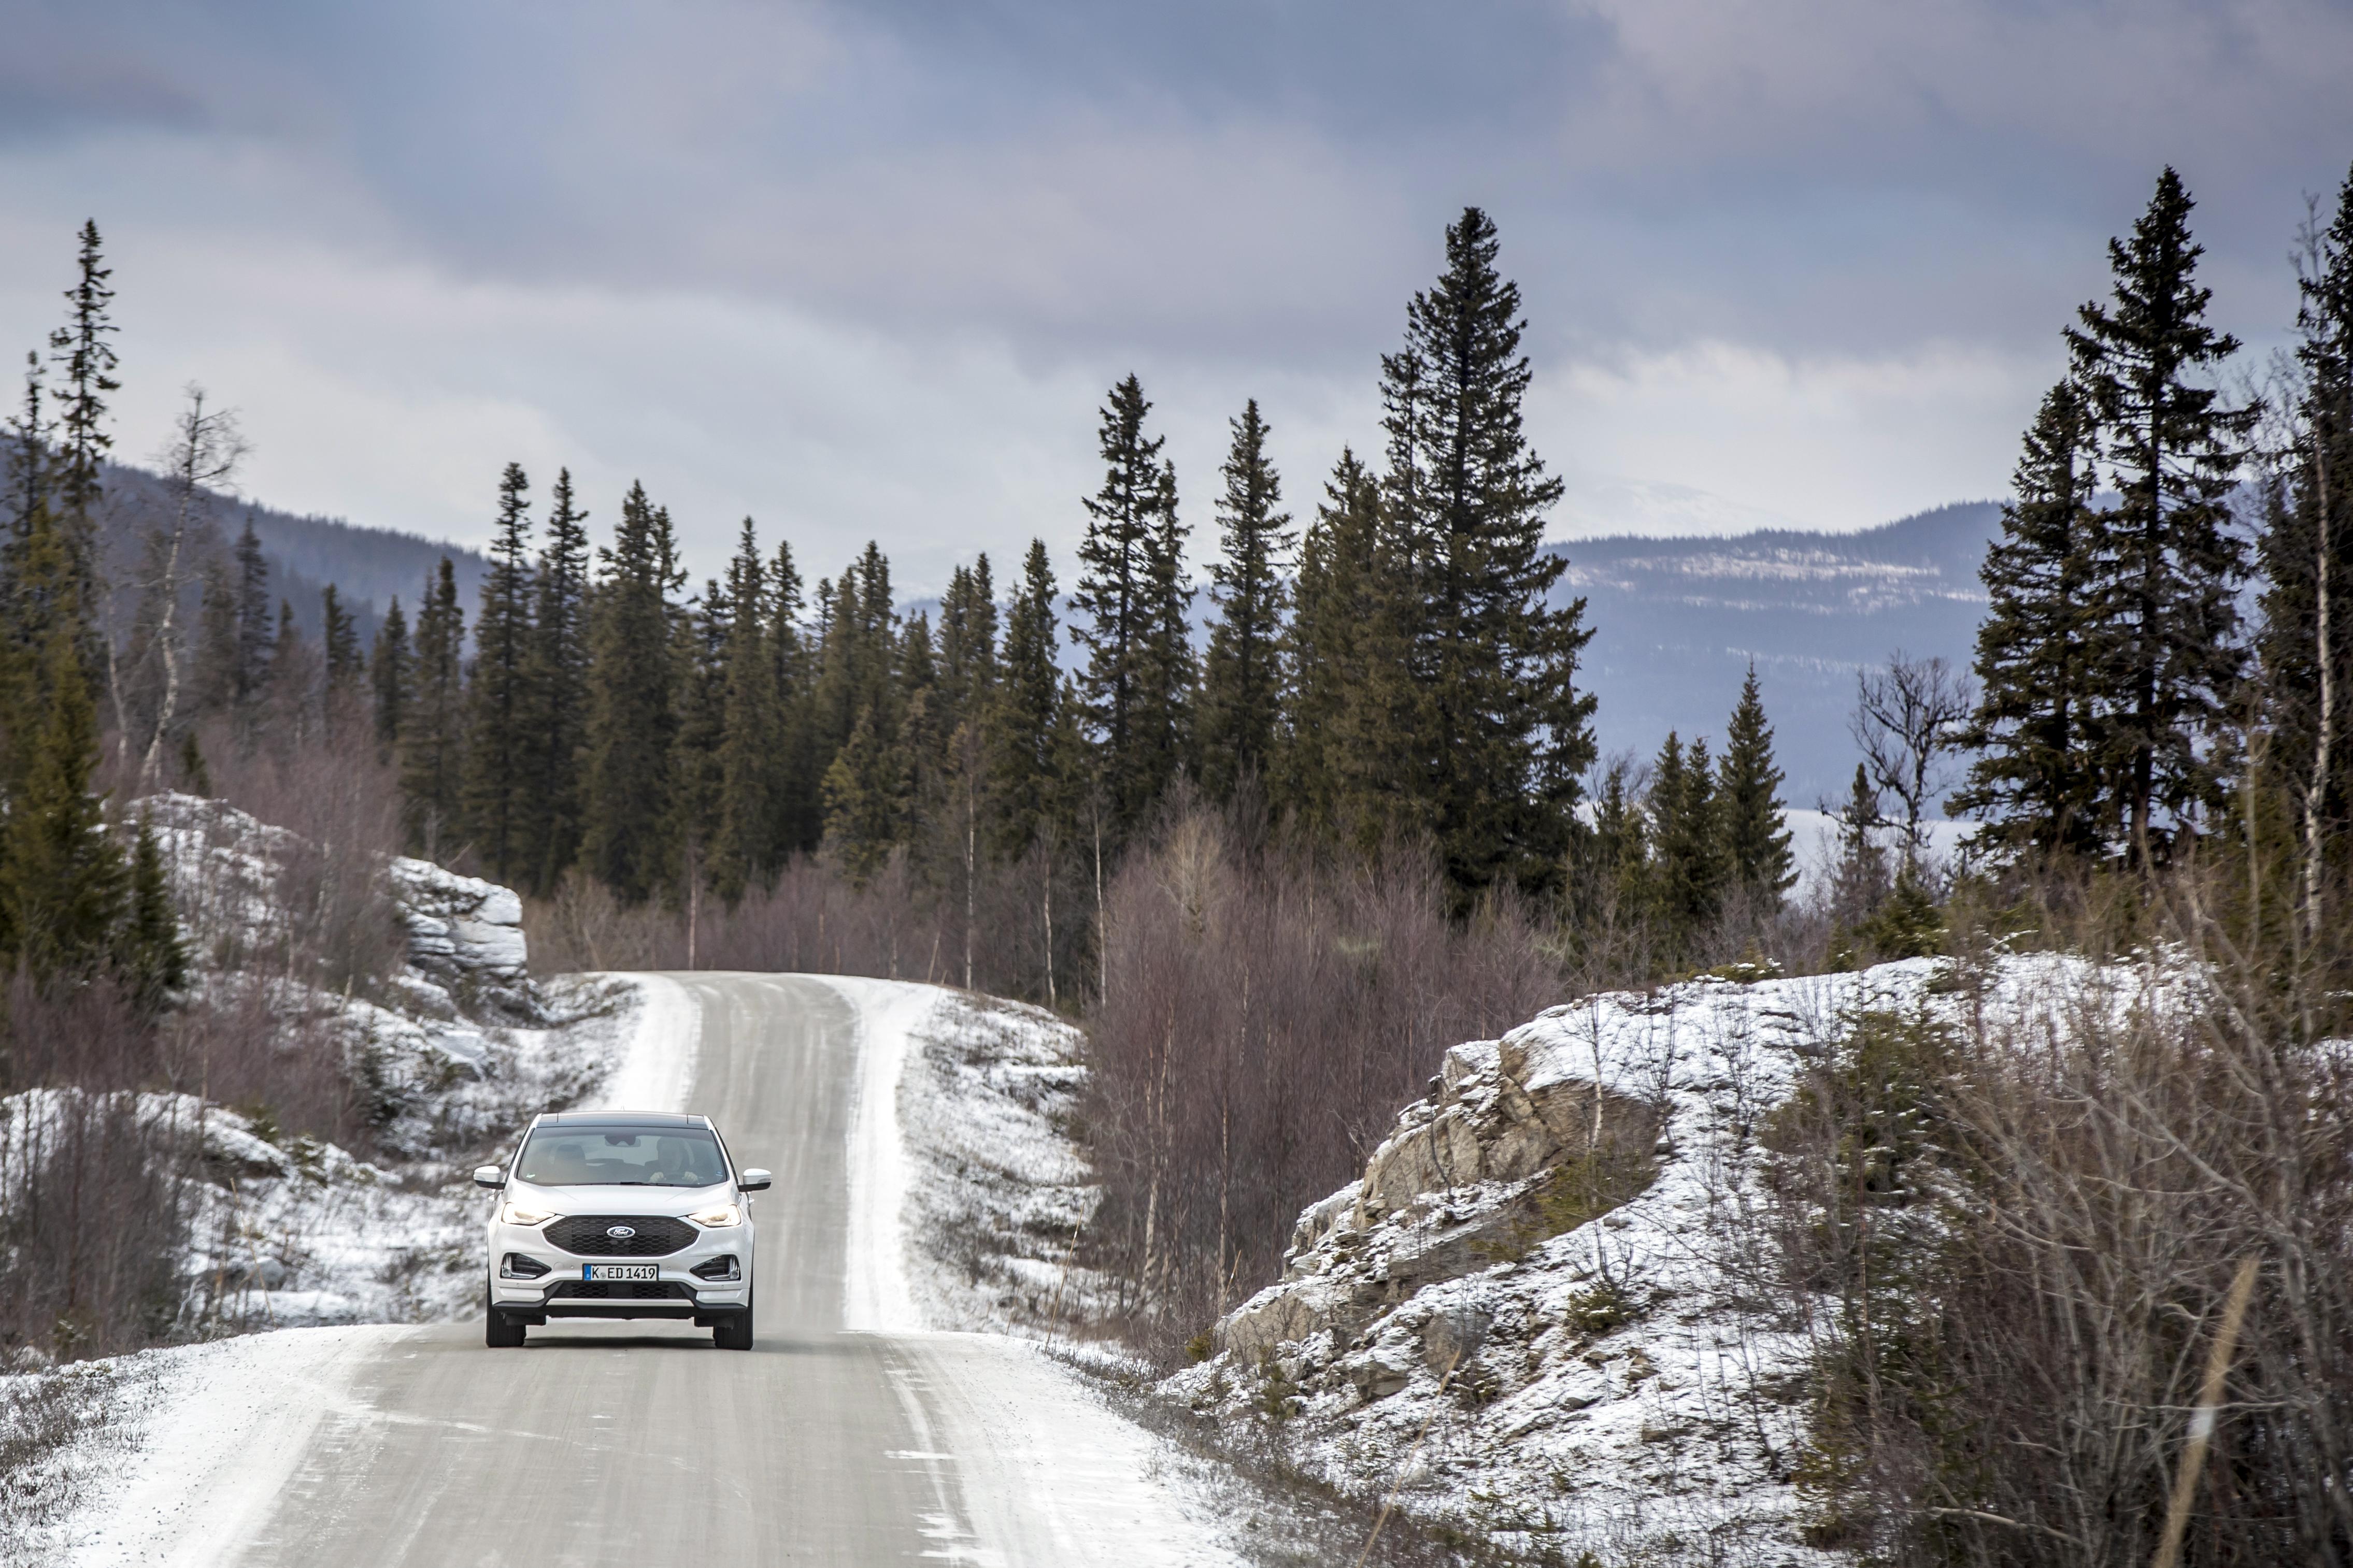 Trazione integrale nuova Ford Edge 2019